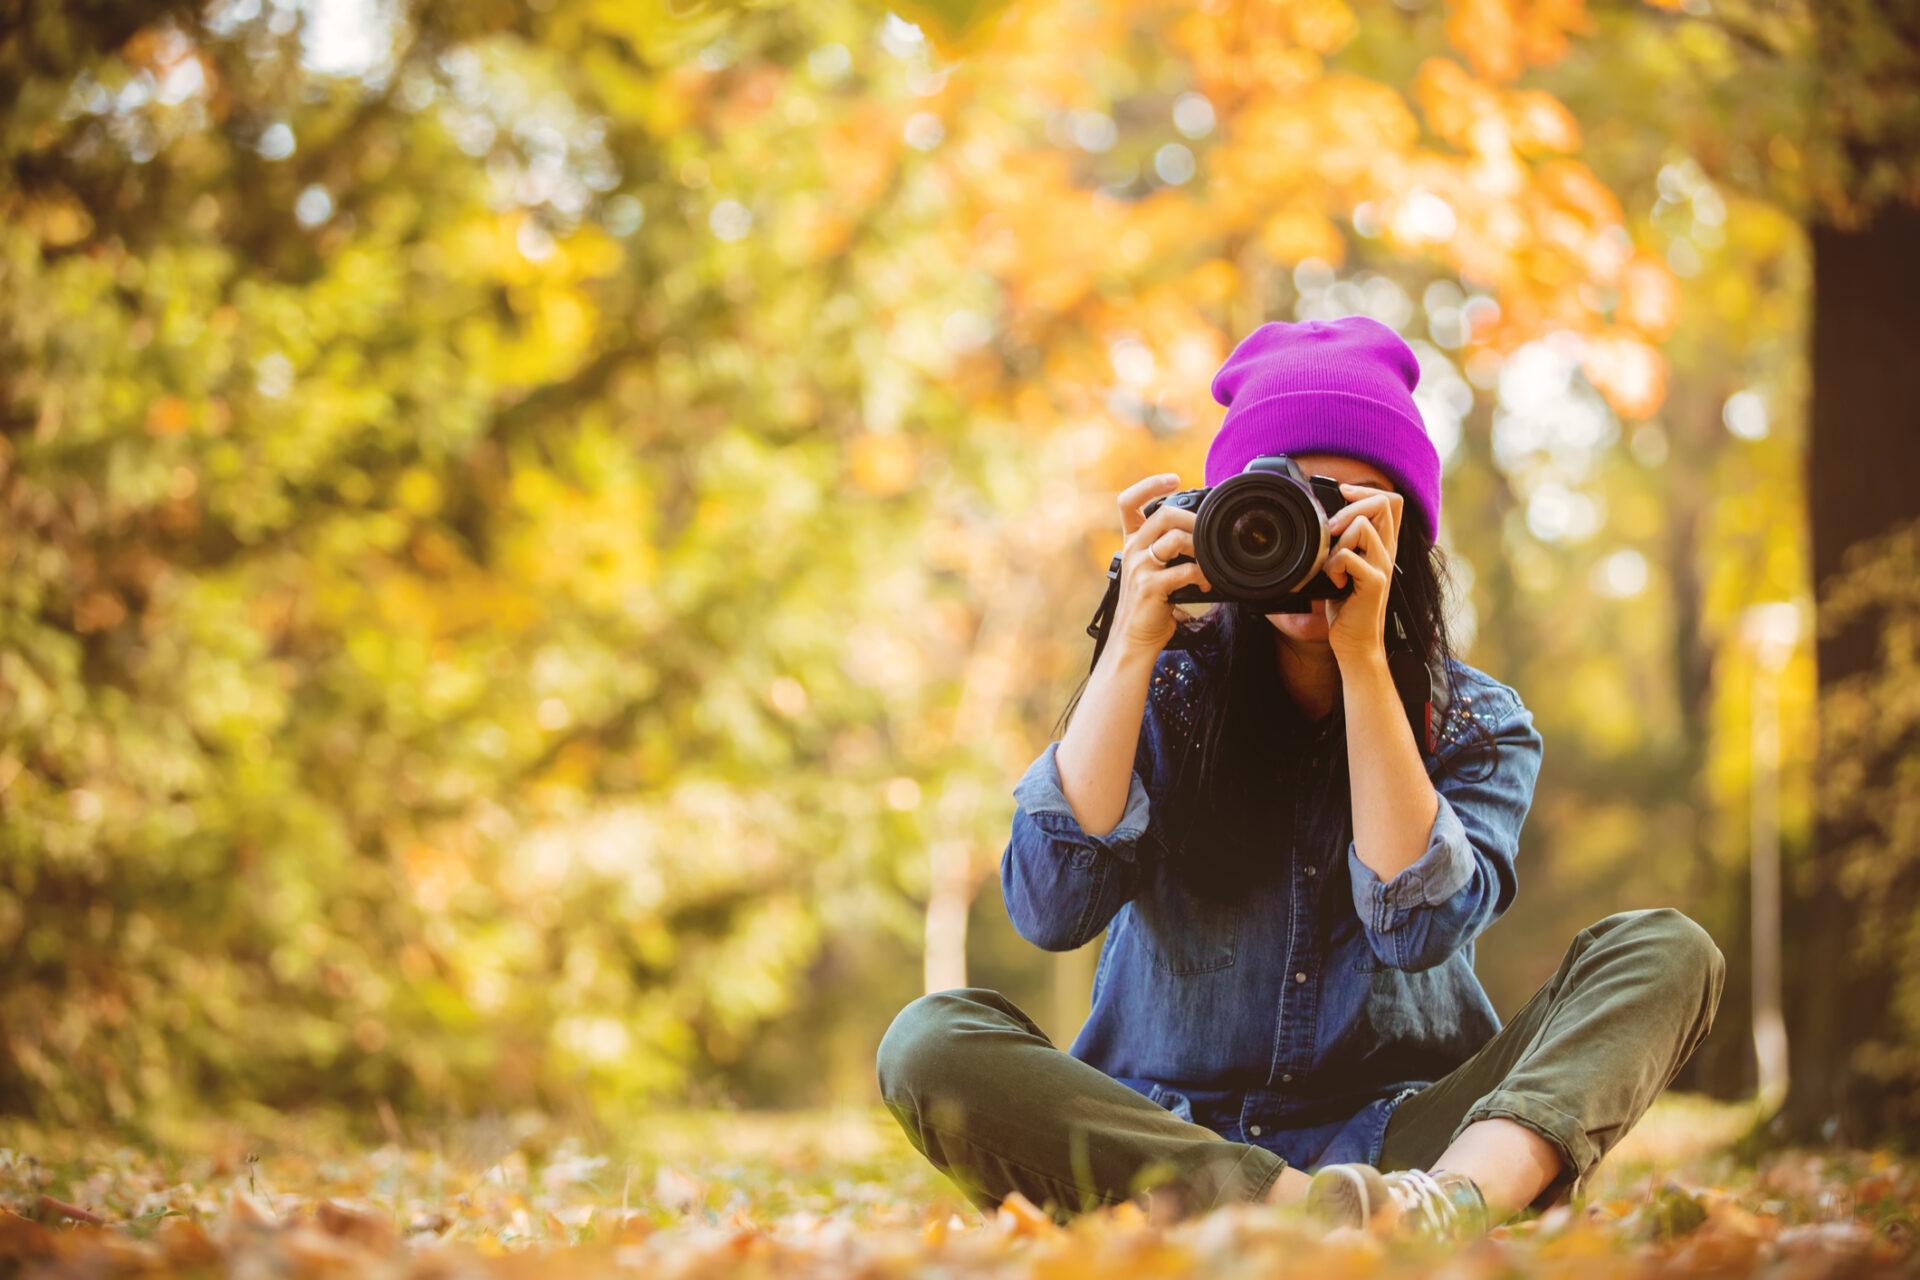 Frau sitzt im Wald am Boden und fotografiert